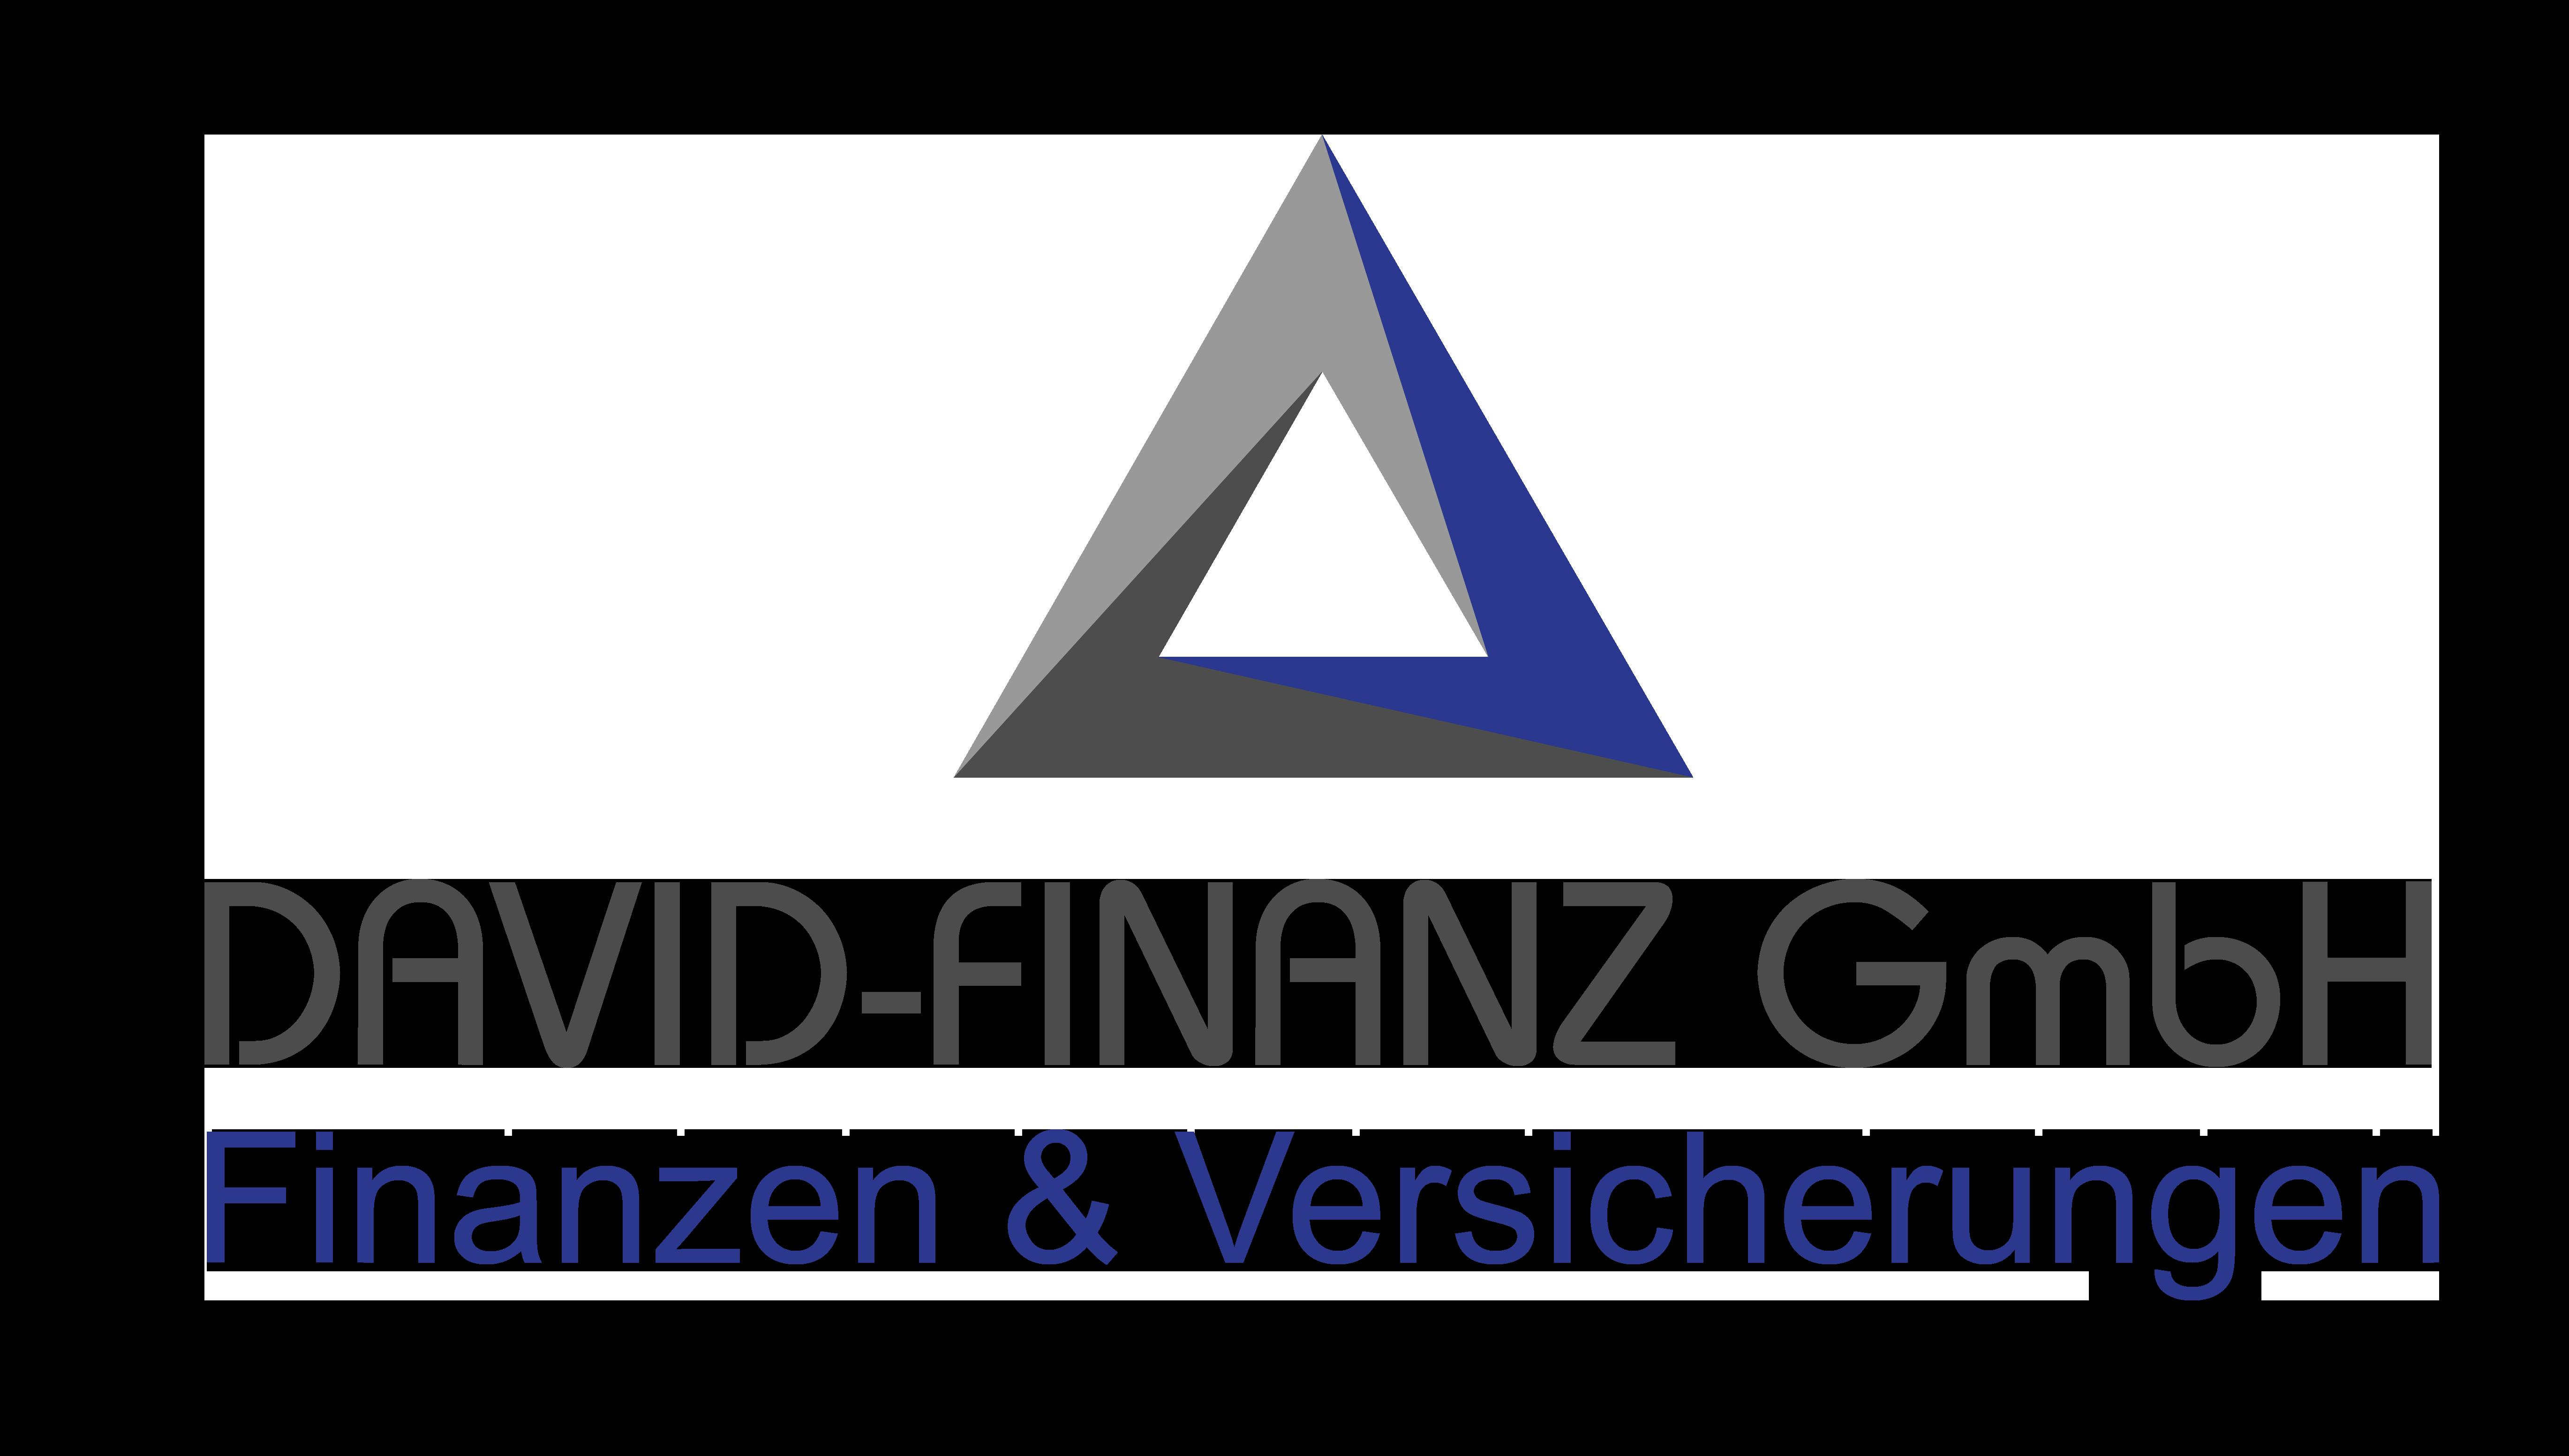 david-finanz.de-Logo